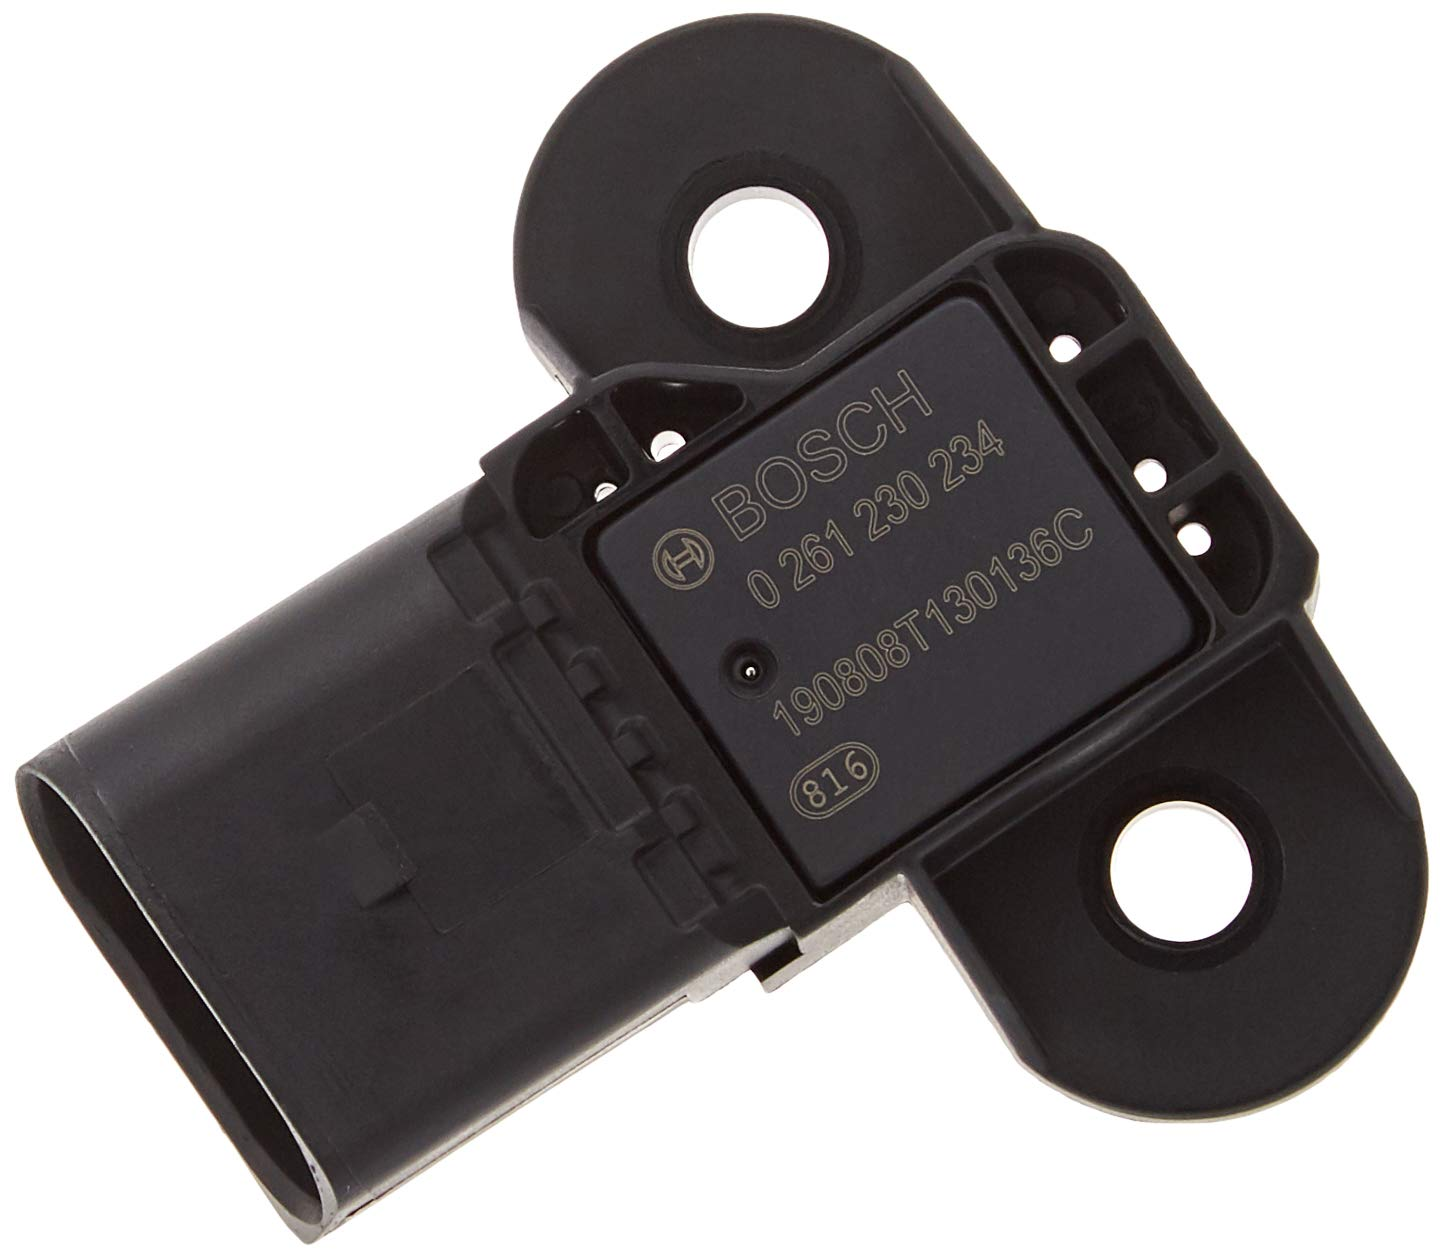 Bosch 0261230234 Original Equipment Manifold Absolute Pressure (MAP) Sensor for Select Audi A4, A5, A6, A7, A8, Q5, Q7, RS5, SQ5, S4, S5, S6; Volkswagen Beetle, Golf, Jetta, Passat, Rabbit, Touareg